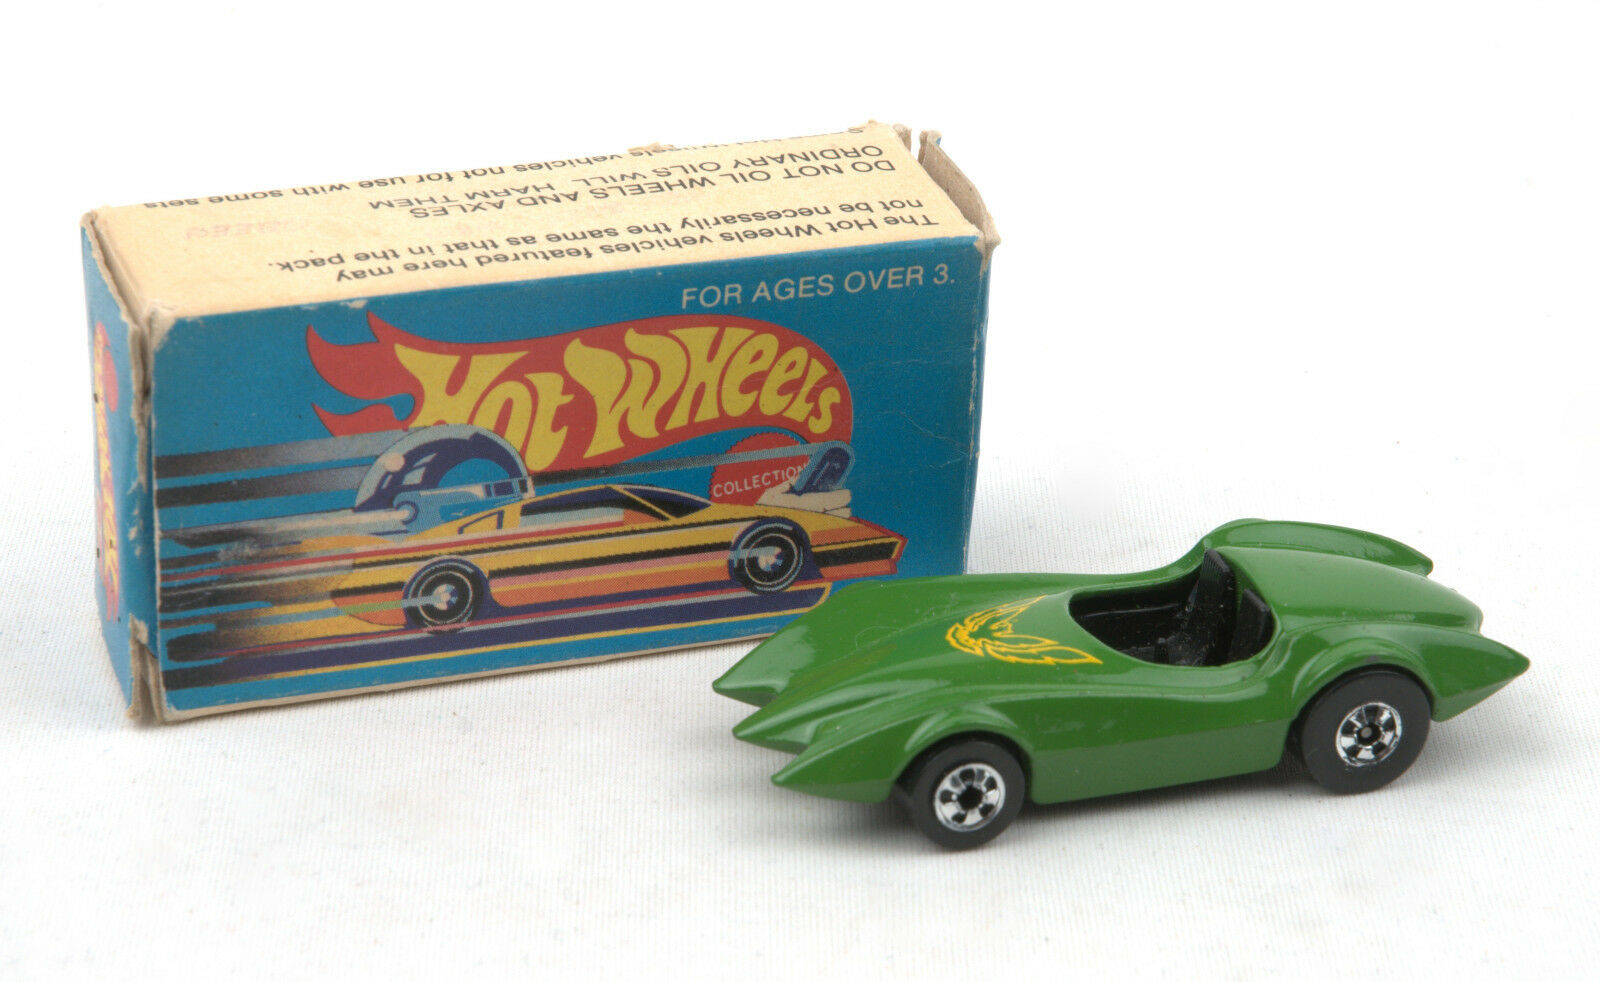 LEO MATTEL (India) HOTWHEELS-verde secondo WIND 9996  Nuovo di zecca con scatola  1980s